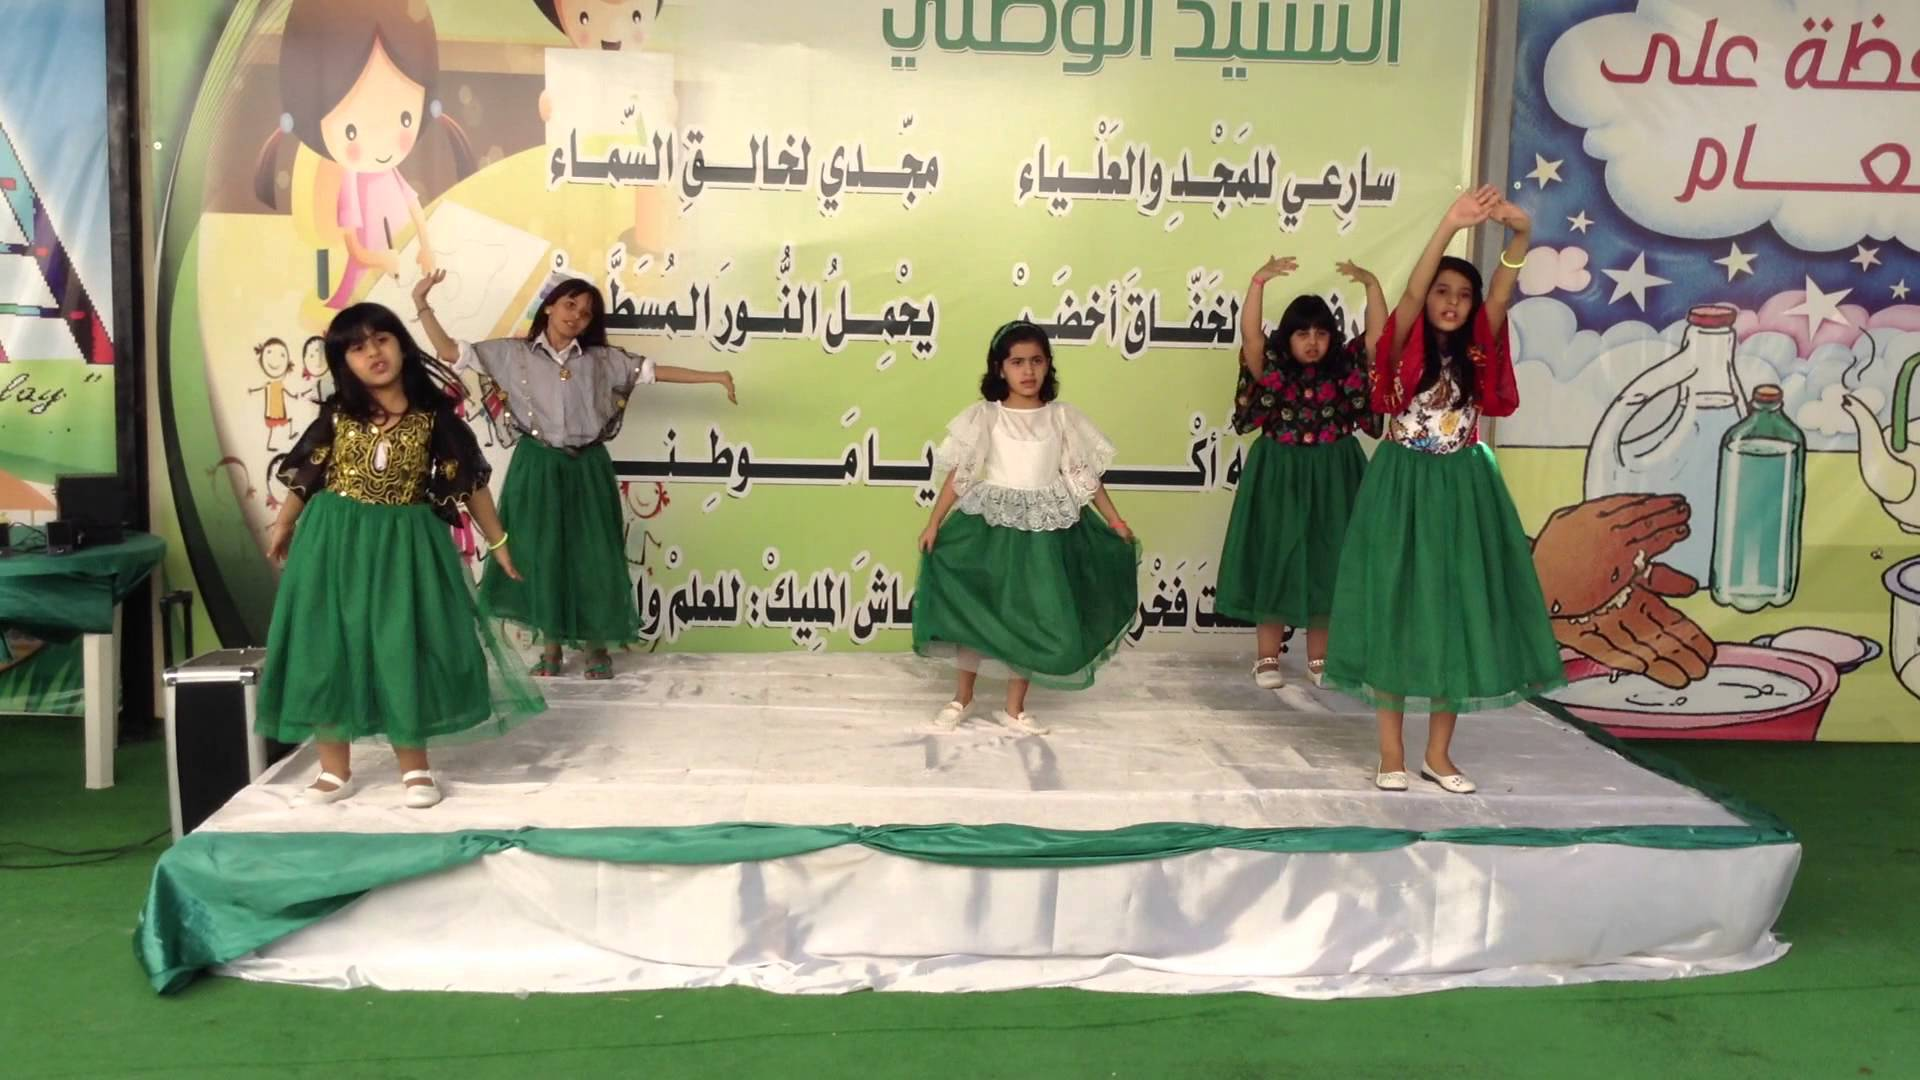 صور انشودة اغلى وطن محمد العبد الله